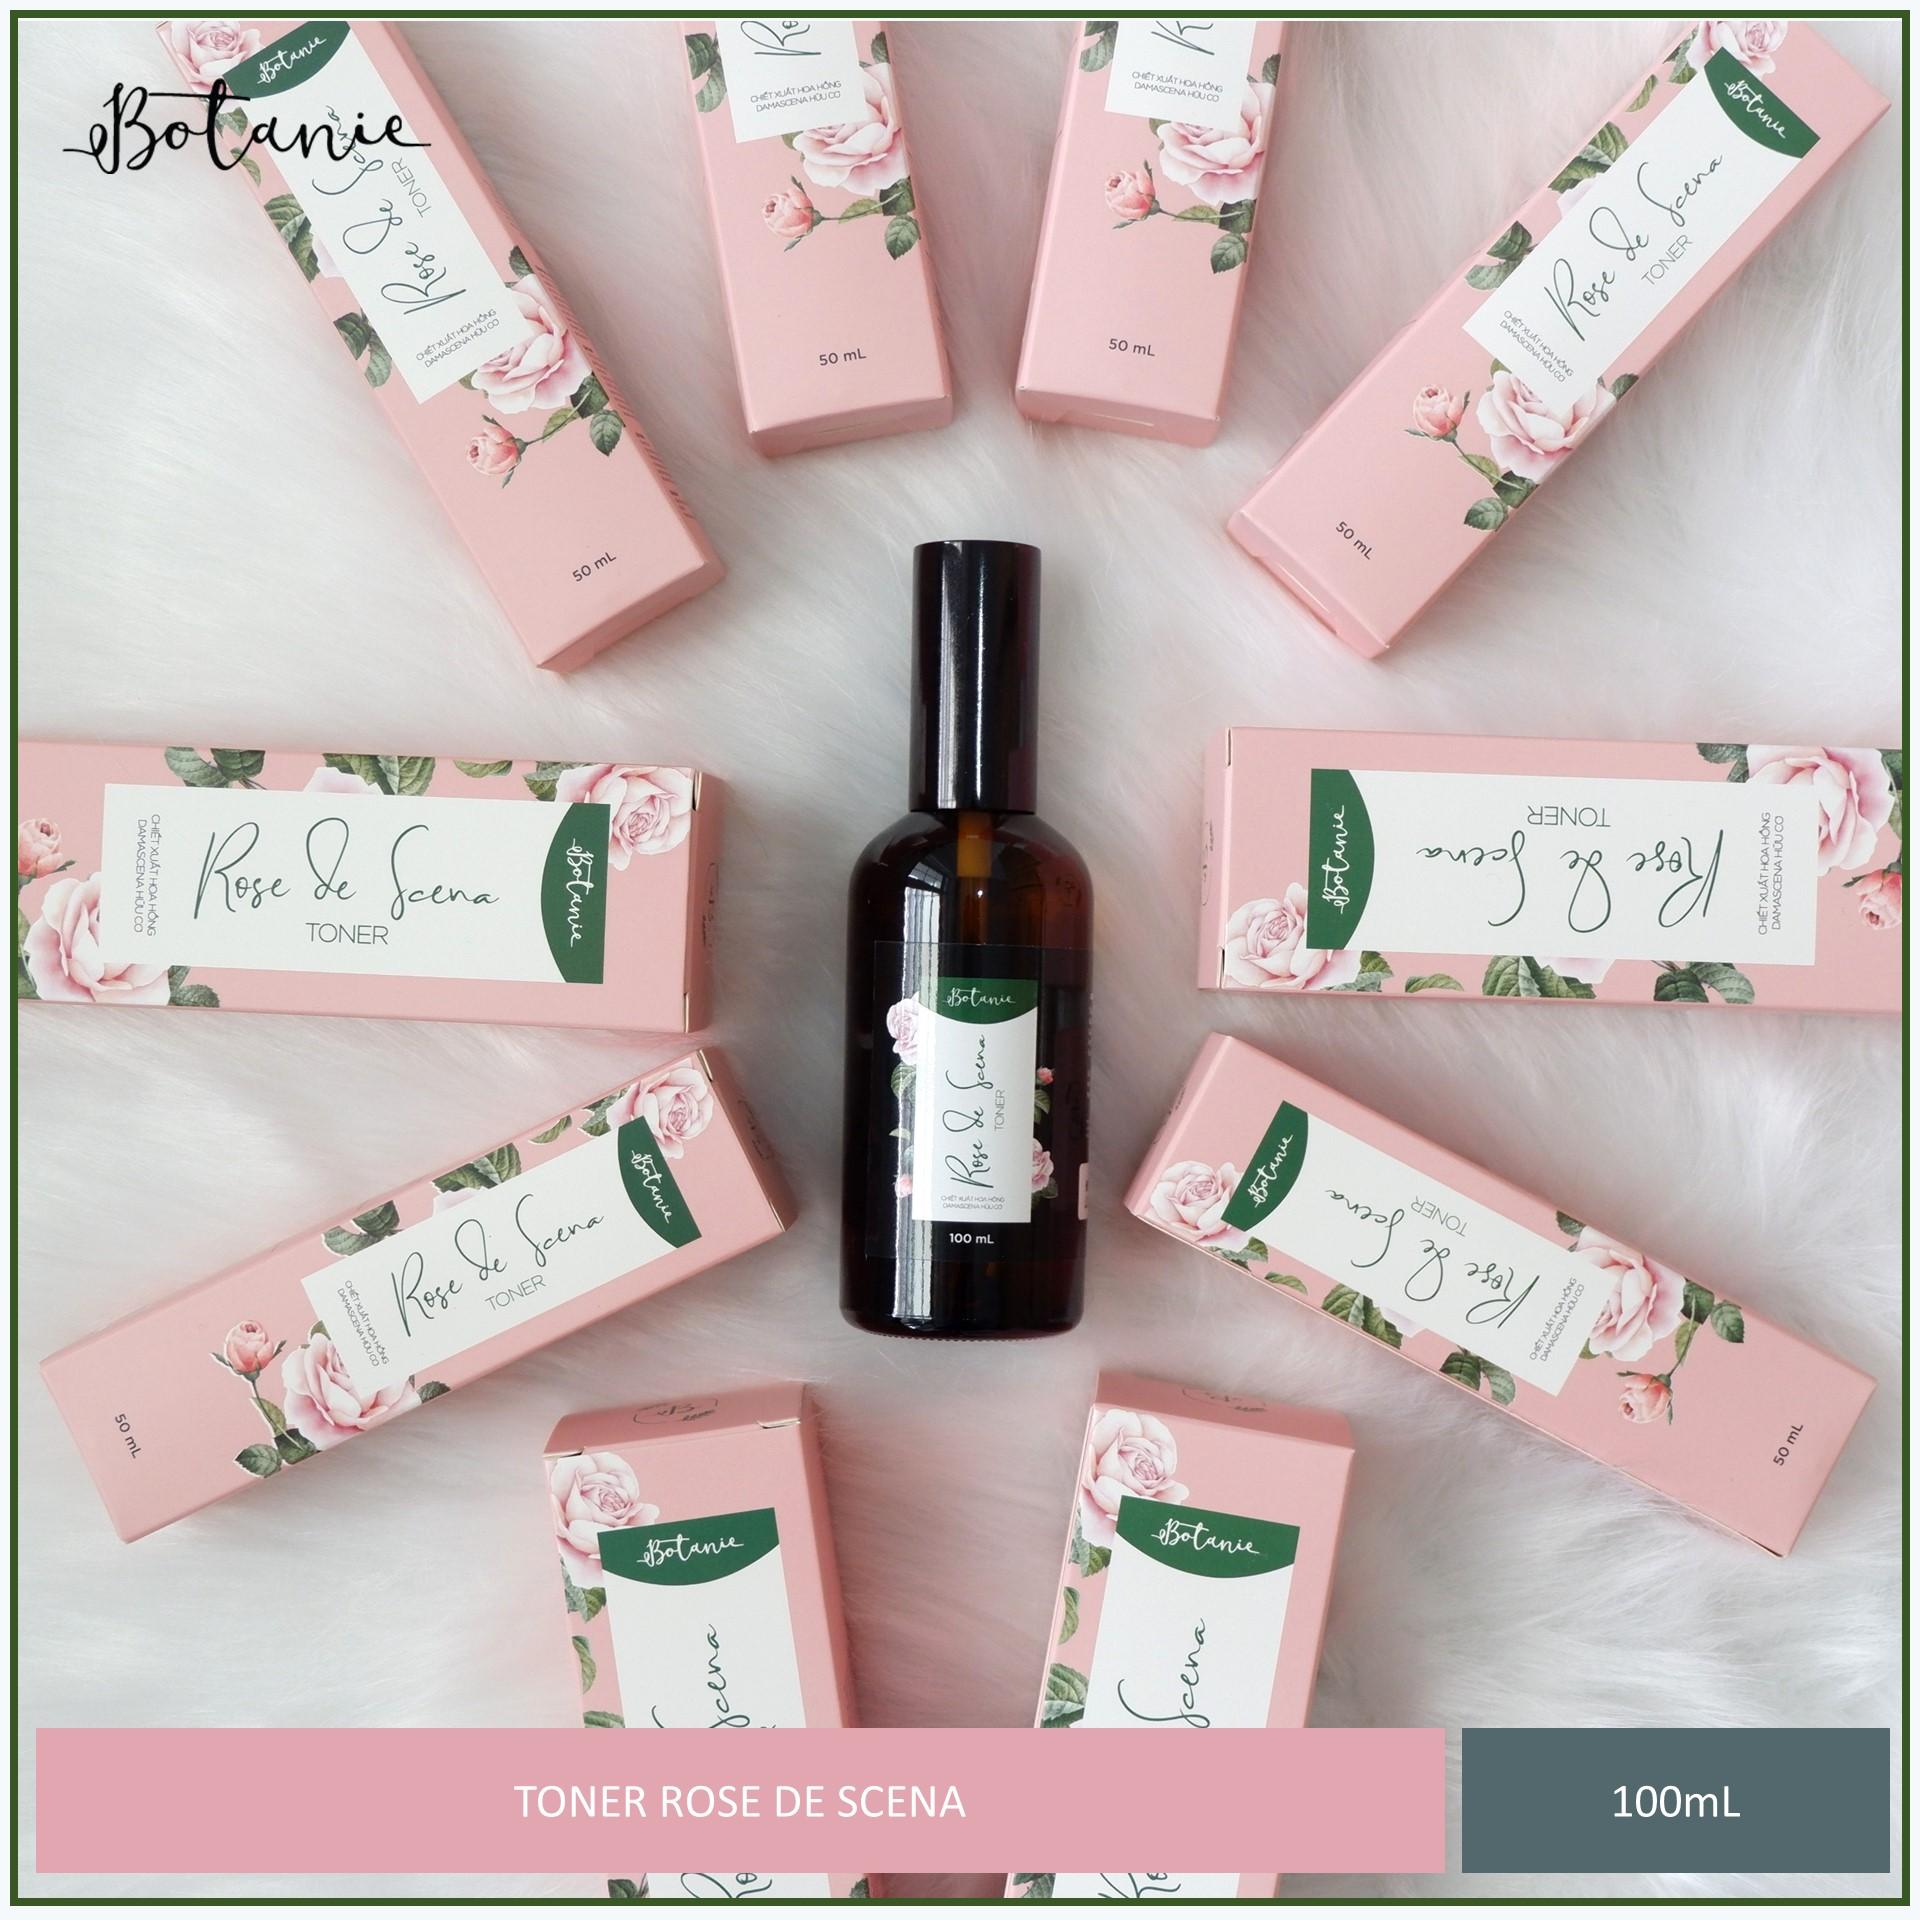 Toner Rose De Scena - Chiết xuất hoa hồng Damascena hữu cơ - Dạng Xịt (100ml) - Dịu nhẹ, không chứa cồn